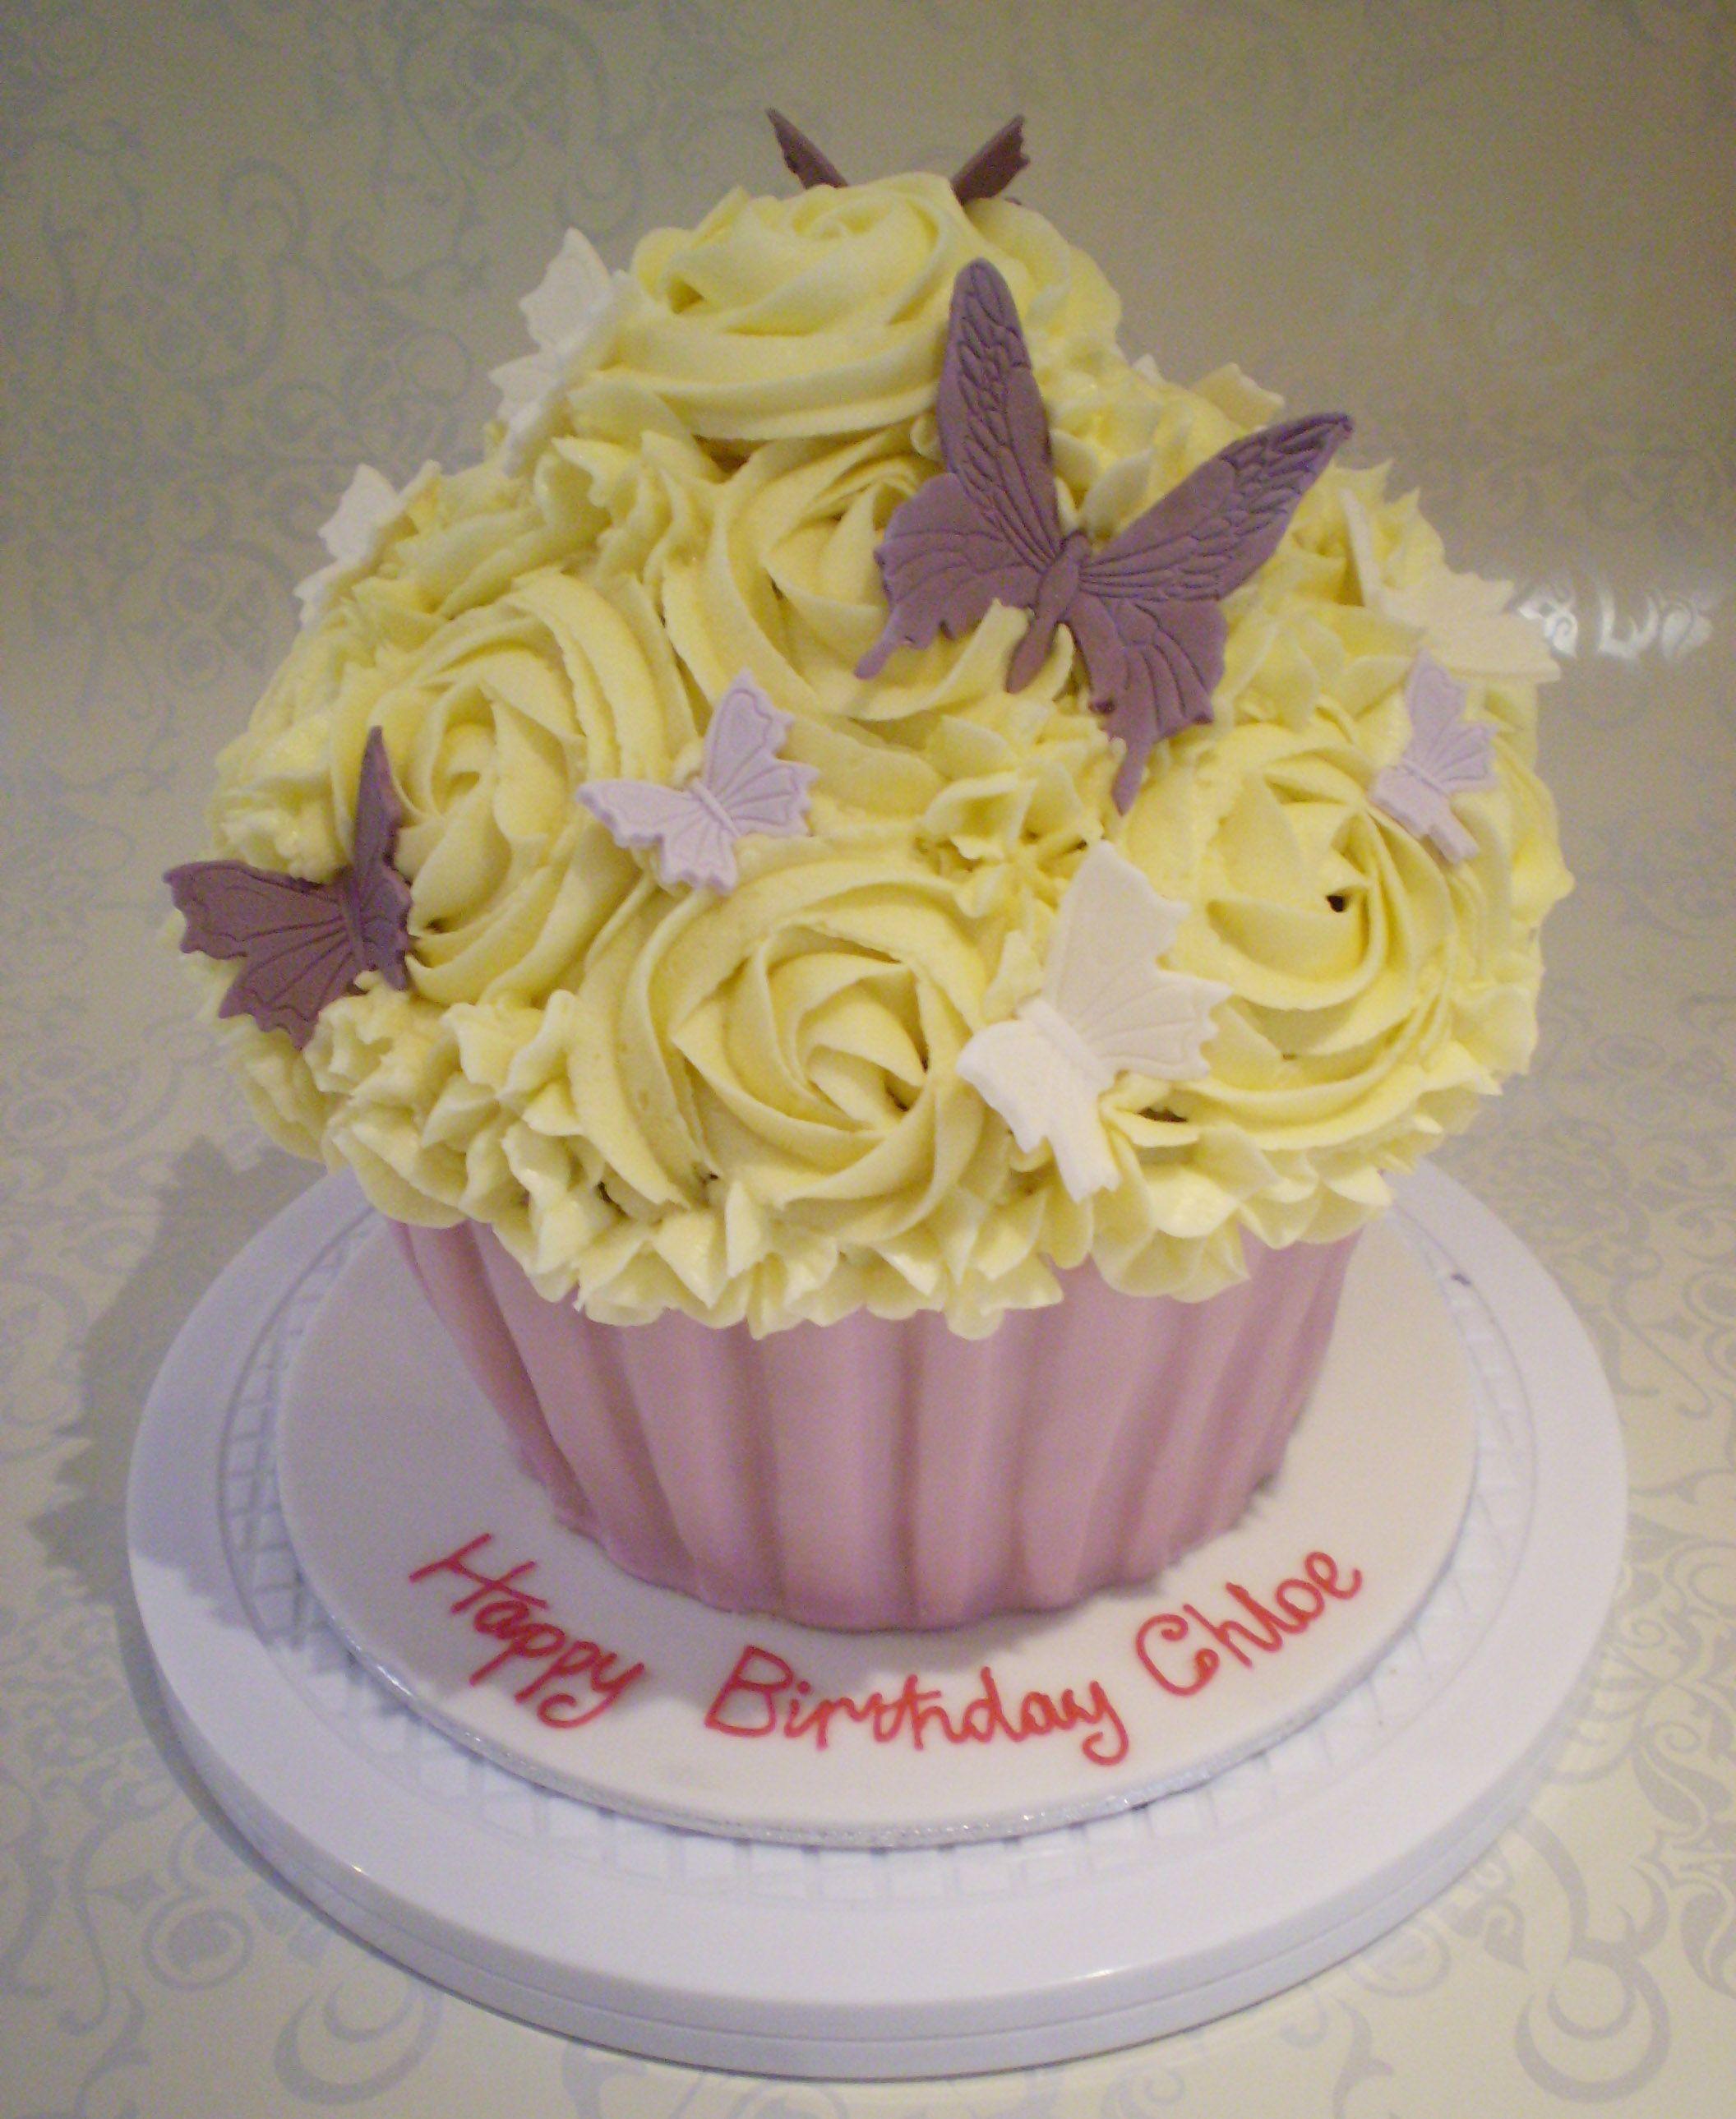 Pin Large Cupcake Birthday Cake Kids Cakes Cake On Pinterest